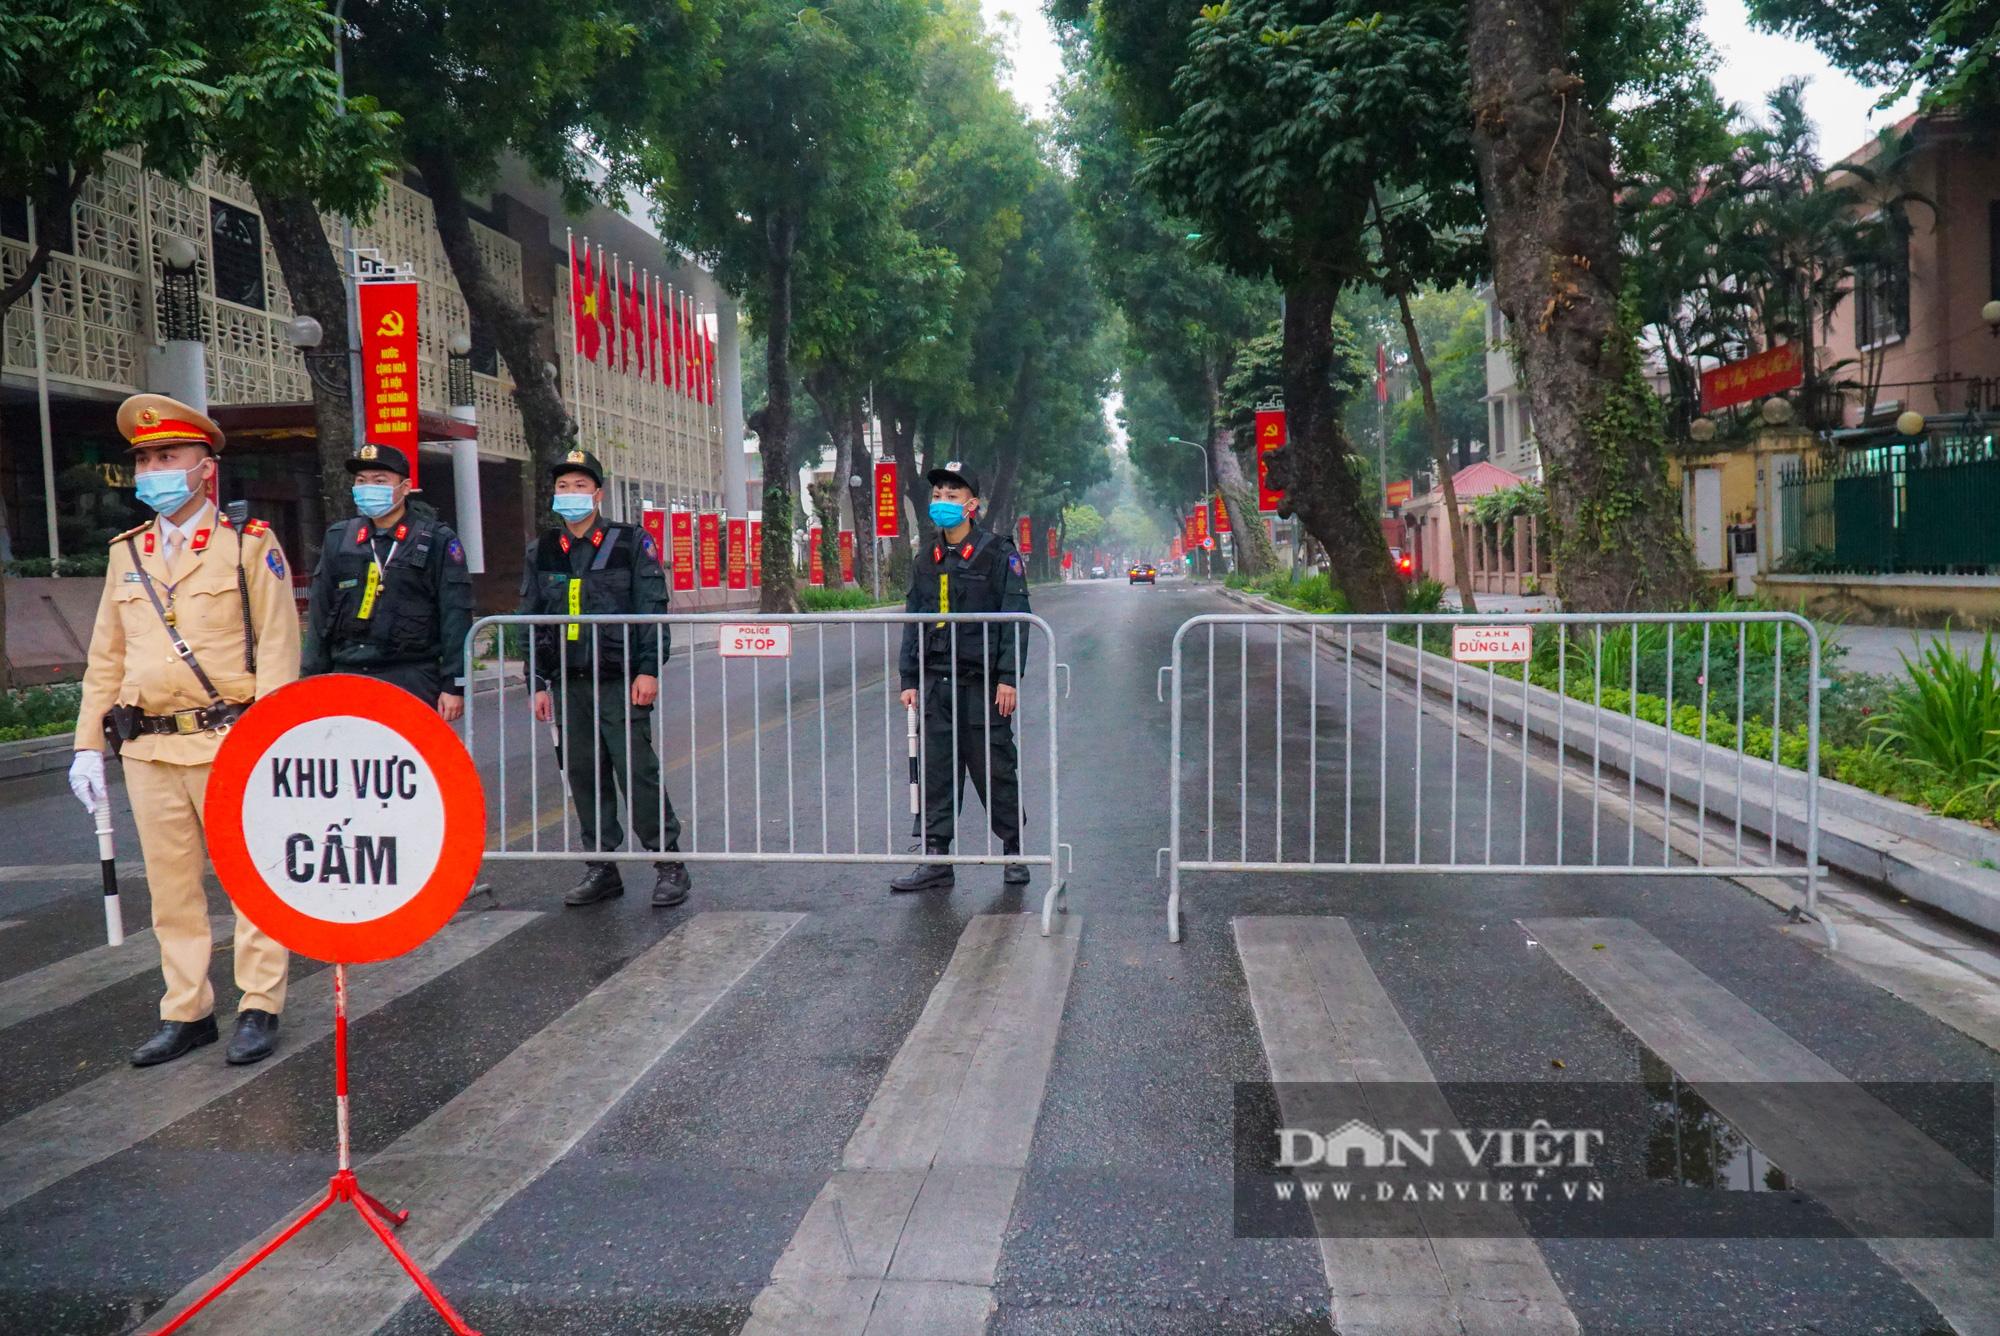 Hình ảnh đoàn xe đại biểu từ Lăng Bác về Trung tâm Hội nghị Quốc gia - Ảnh 4.